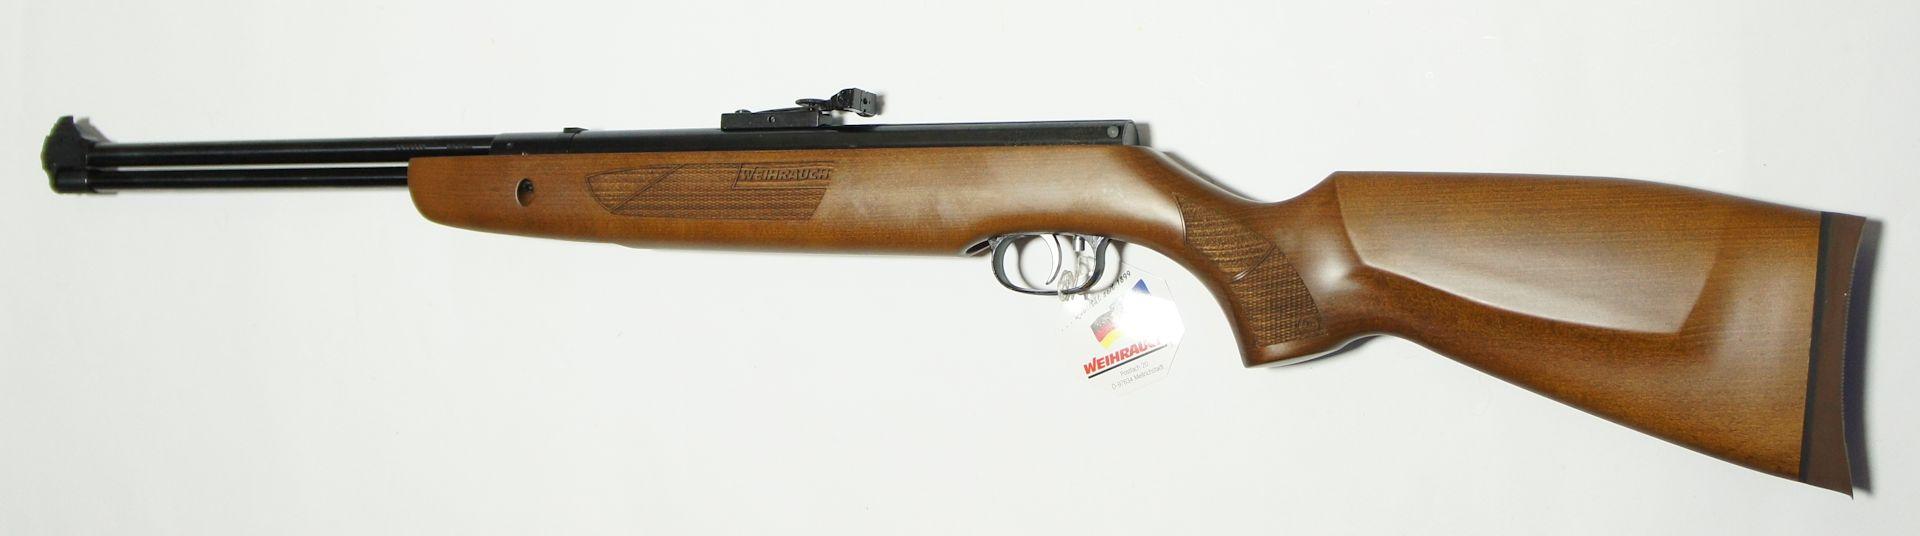 Luftgewehr HW 57 mit schöner Fischhaut und Weihrauch-Schriftzug im Holz, Weihrauch Kaliber 4,5mm